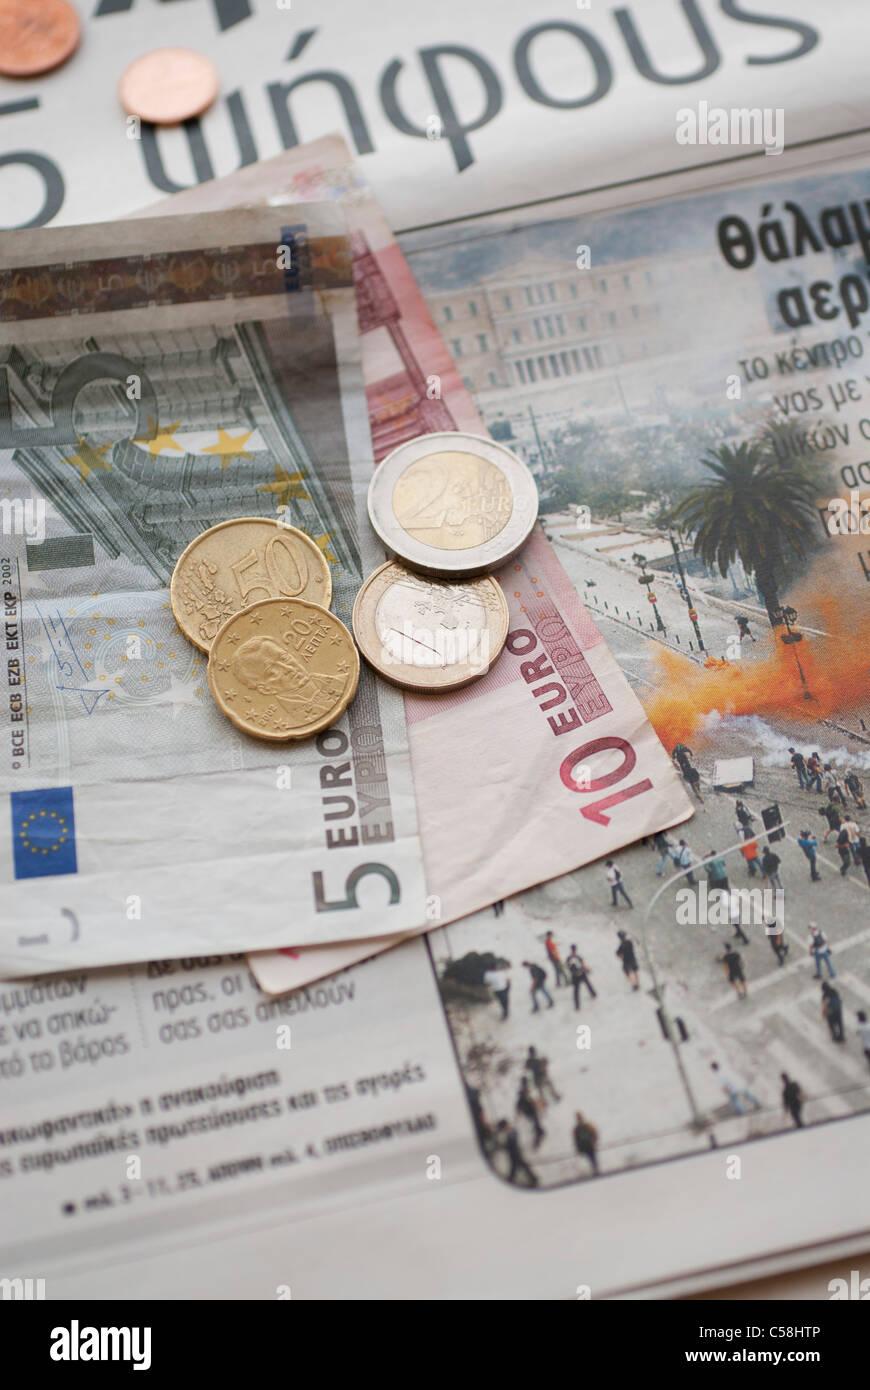 Grecia,crisi,manifestanti,soldi,finanziario, bancarotta,monete,giornale,news Immagini Stock